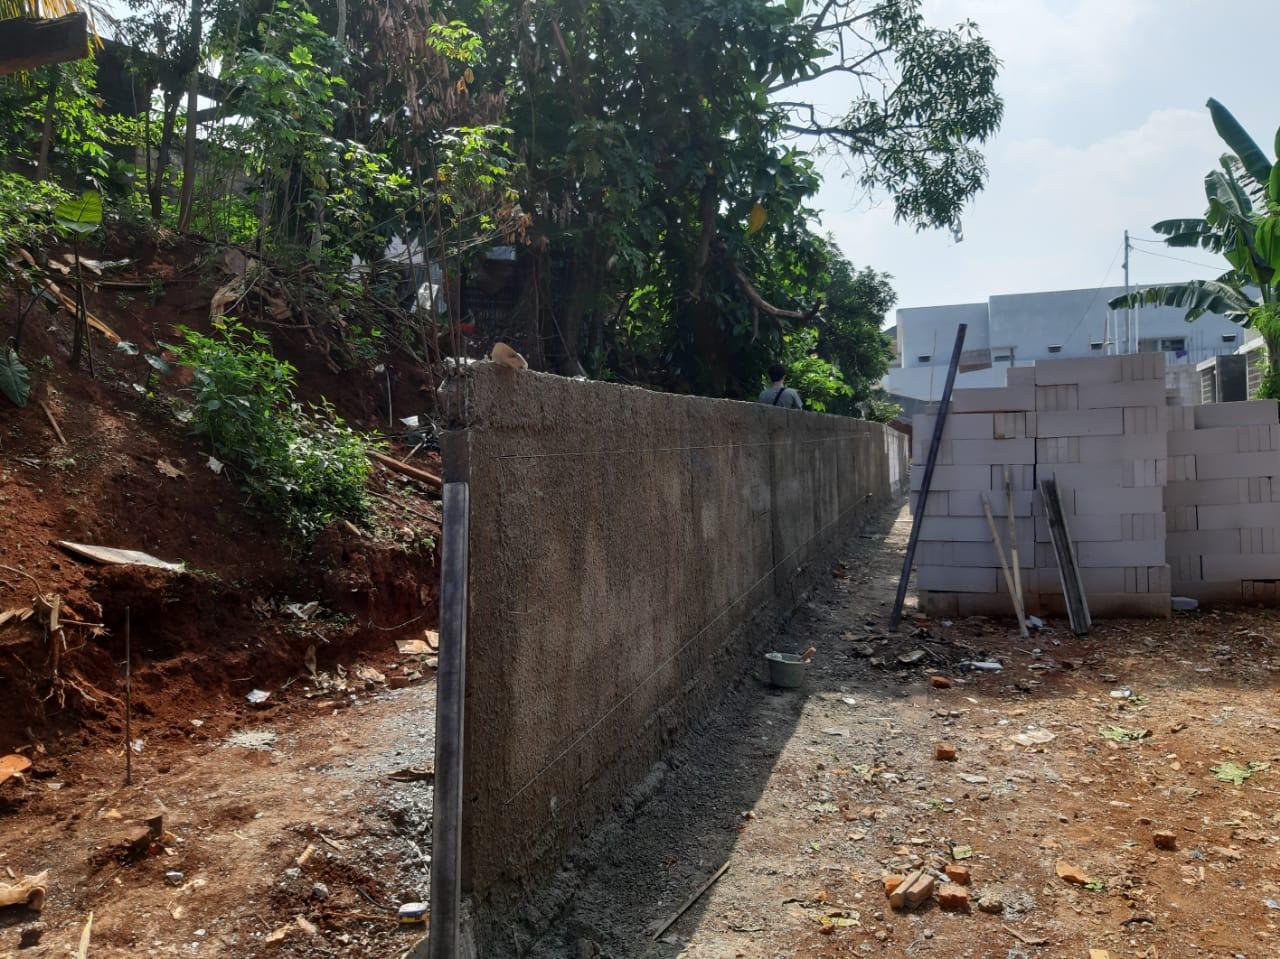 Satu bangunan tembok memisahkan antara Kampung Bulak dan kawasan perumahan Bukit Nusa Indah.